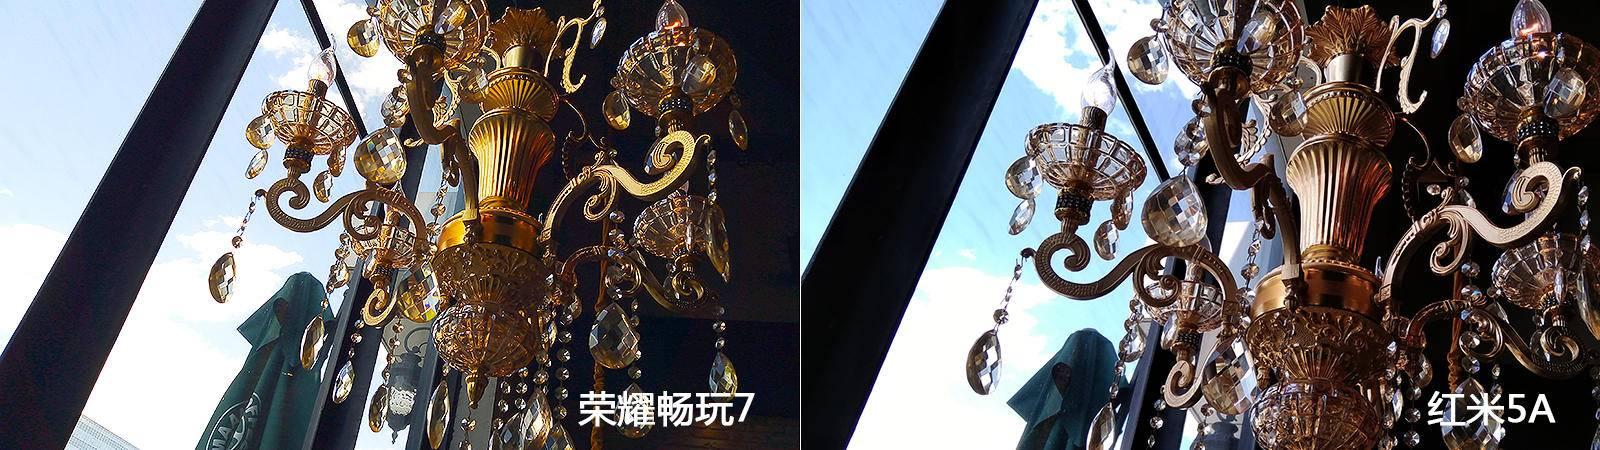 米耀100元新手入门机之战:荣耀畅玩7和红米5A,599元谁更值得购买?